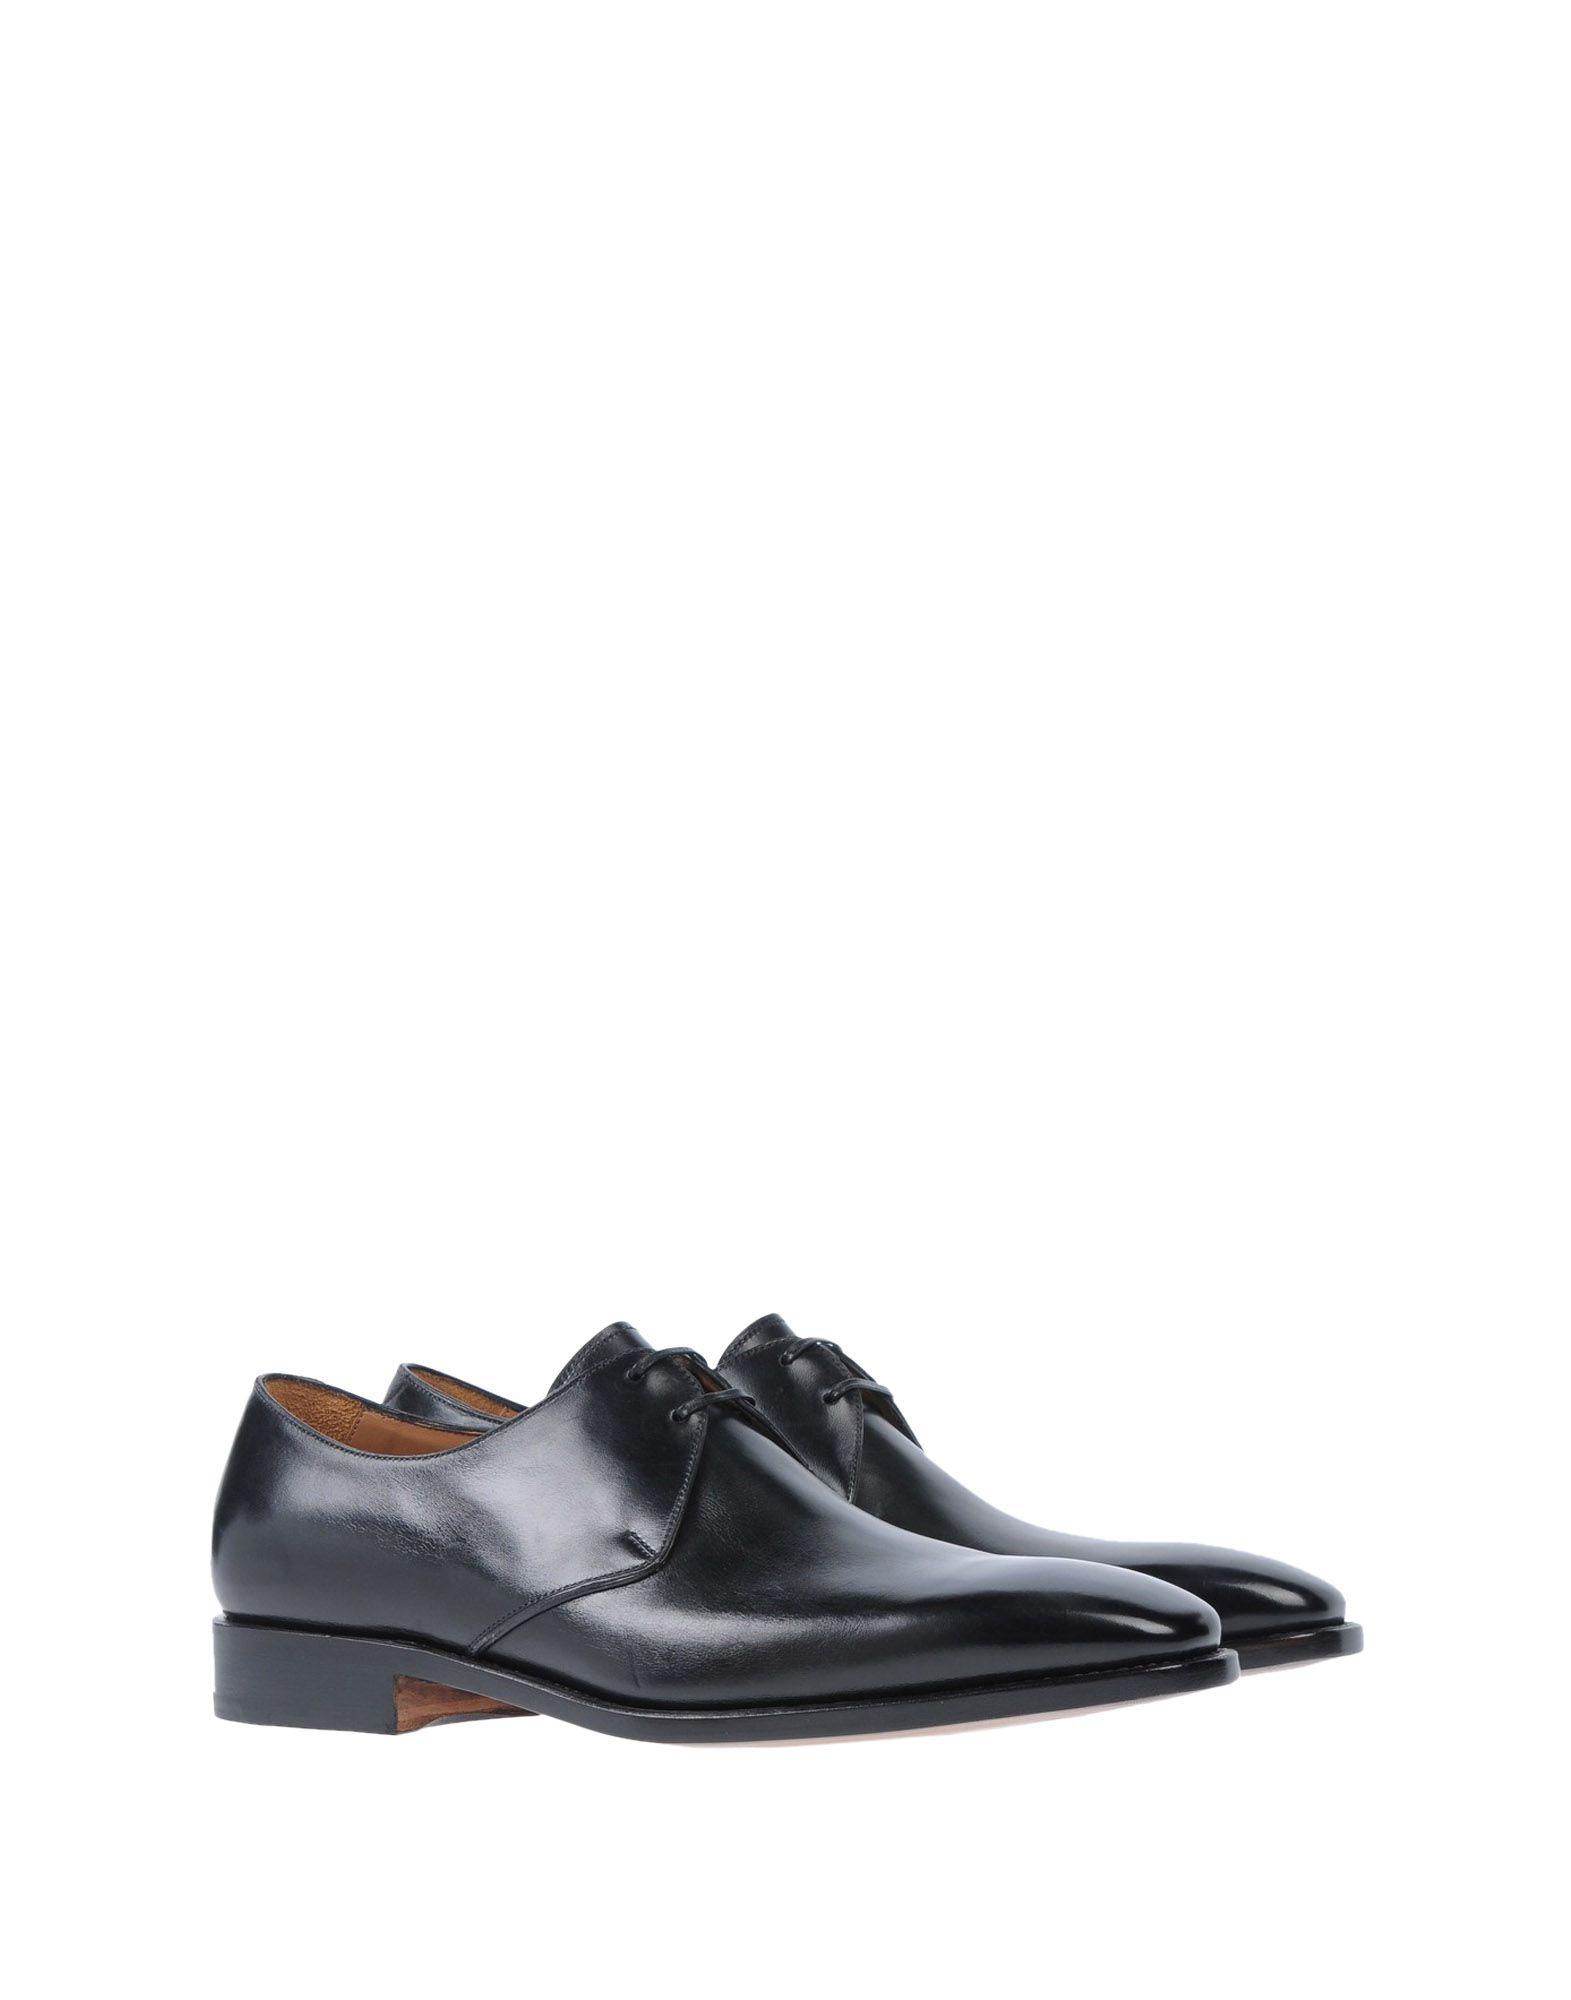 Salvatore Ferragamo Schnürschuhe Herren beliebte  11504927IE Gute Qualität beliebte Herren Schuhe d214a6